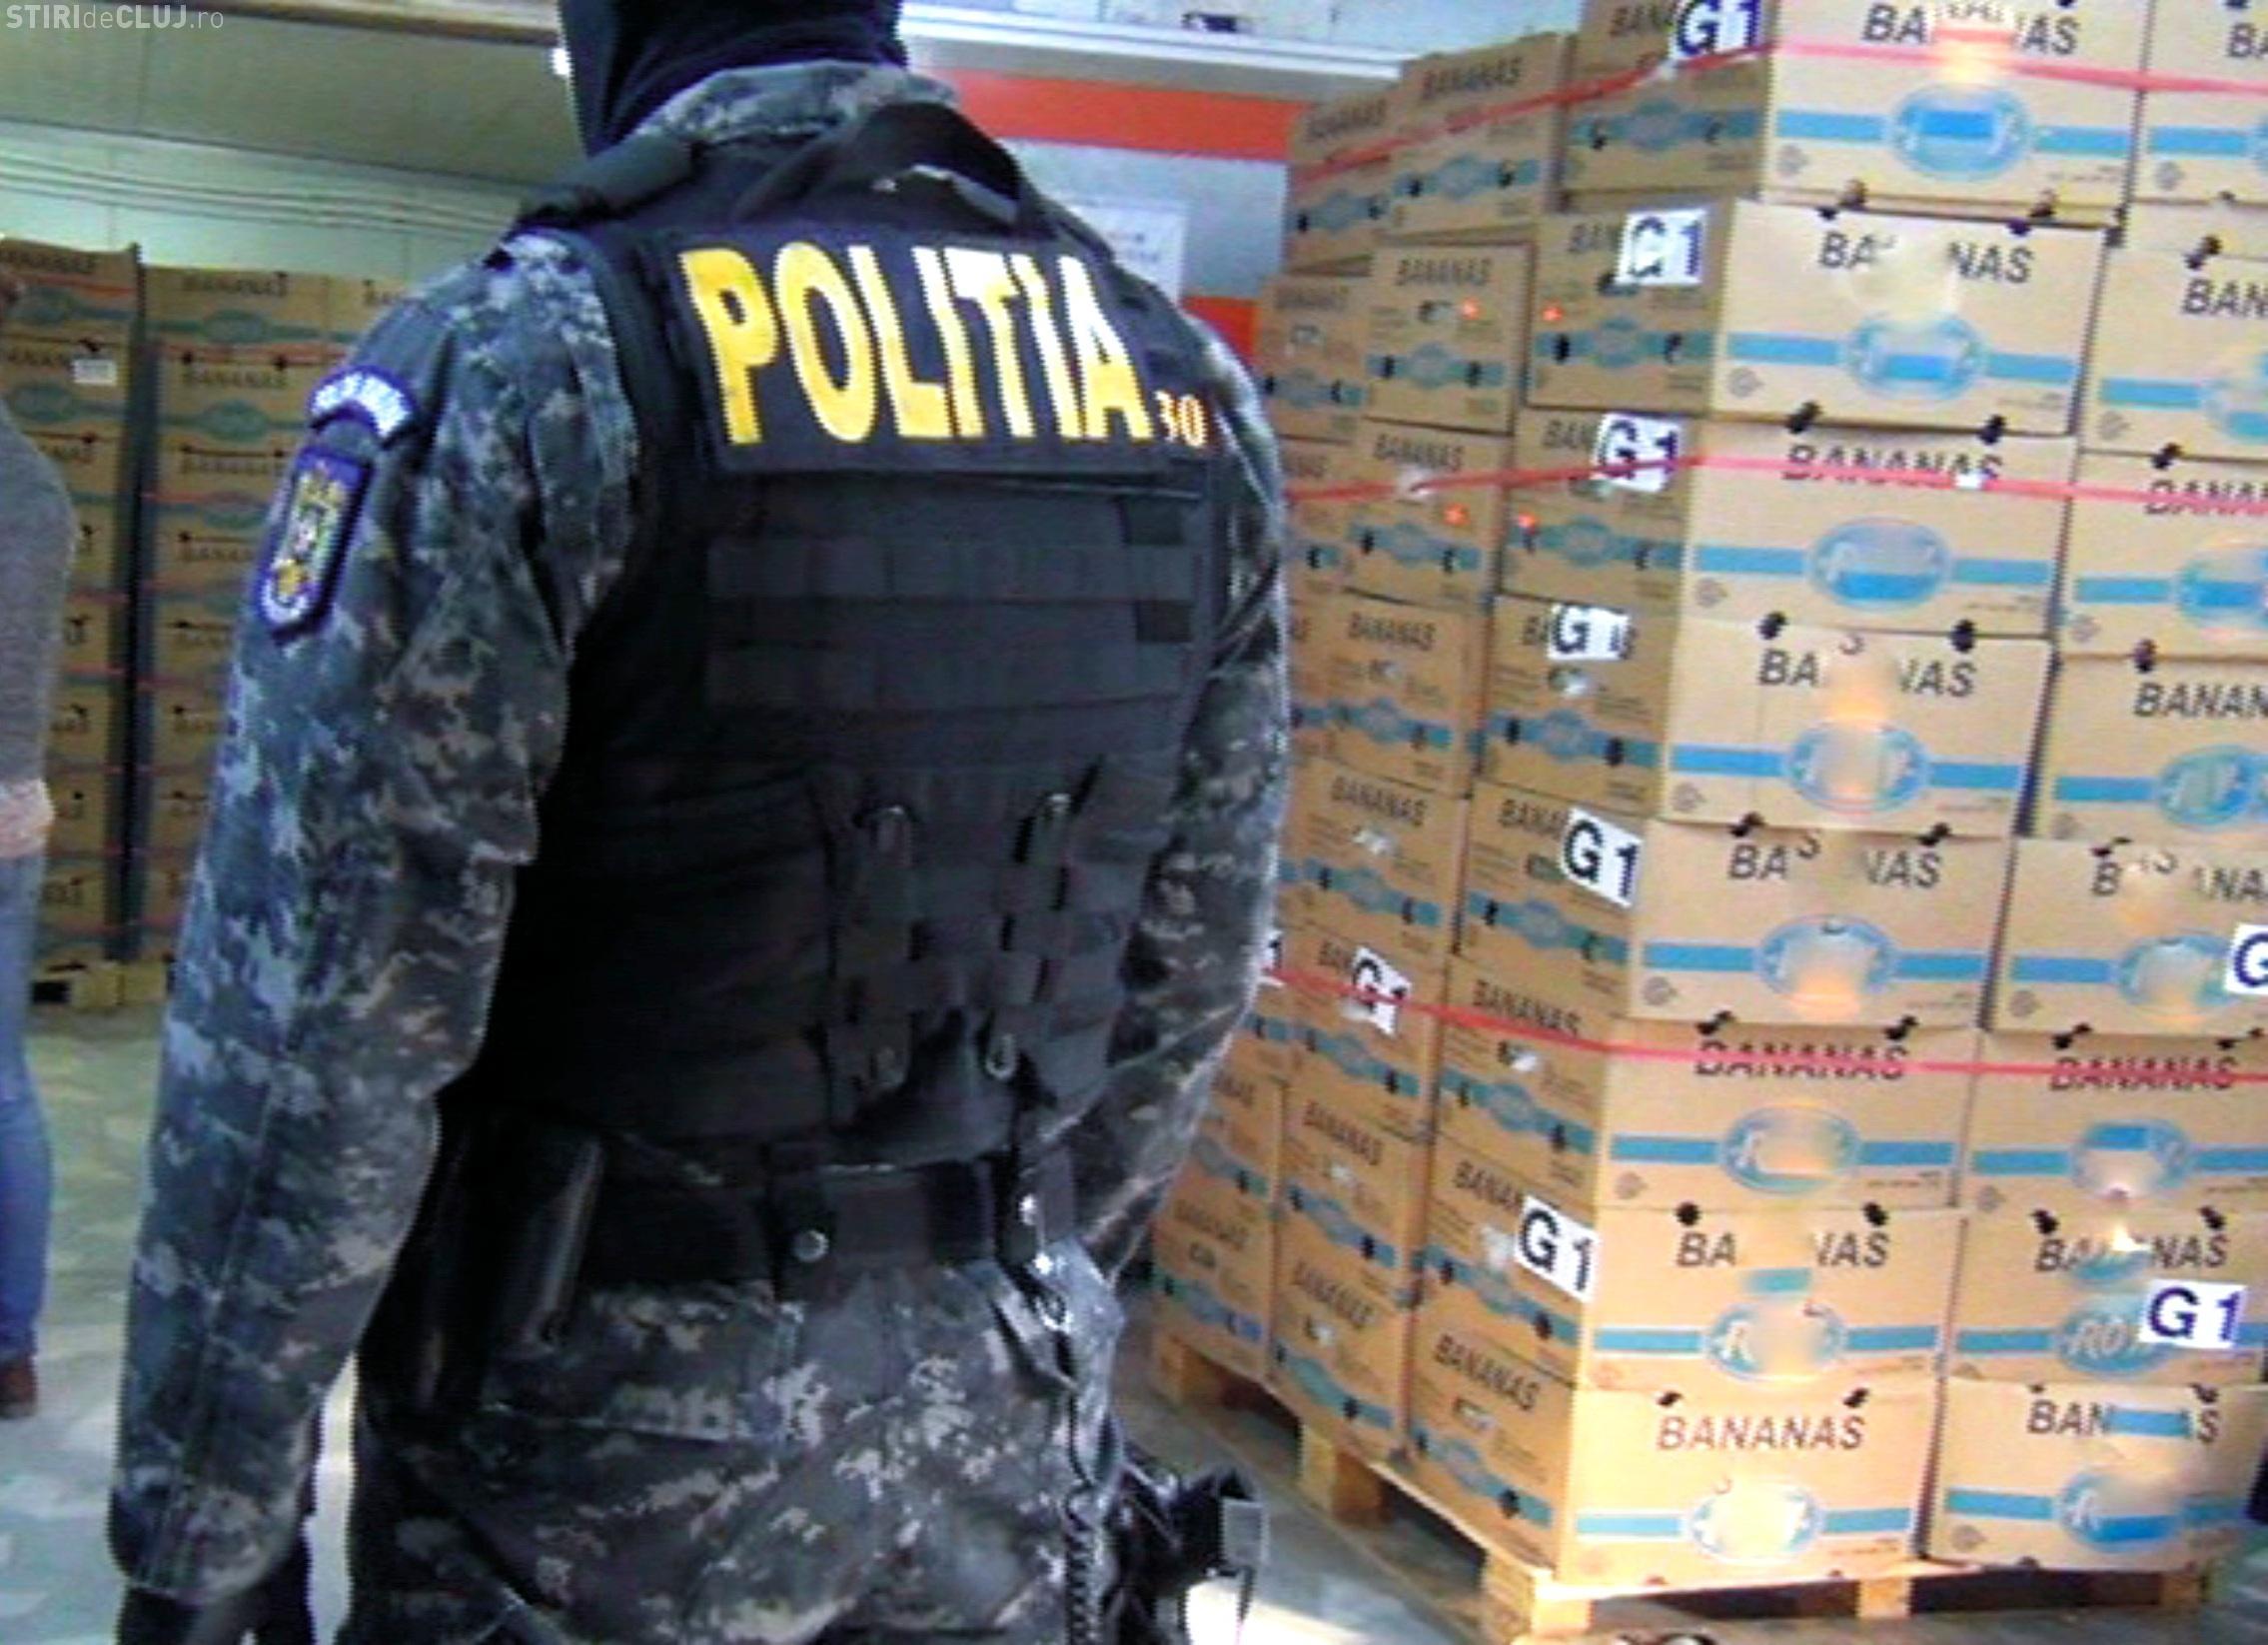 Două persoane reținute la Cluj în urma perchezițiilor la comercianții de banane